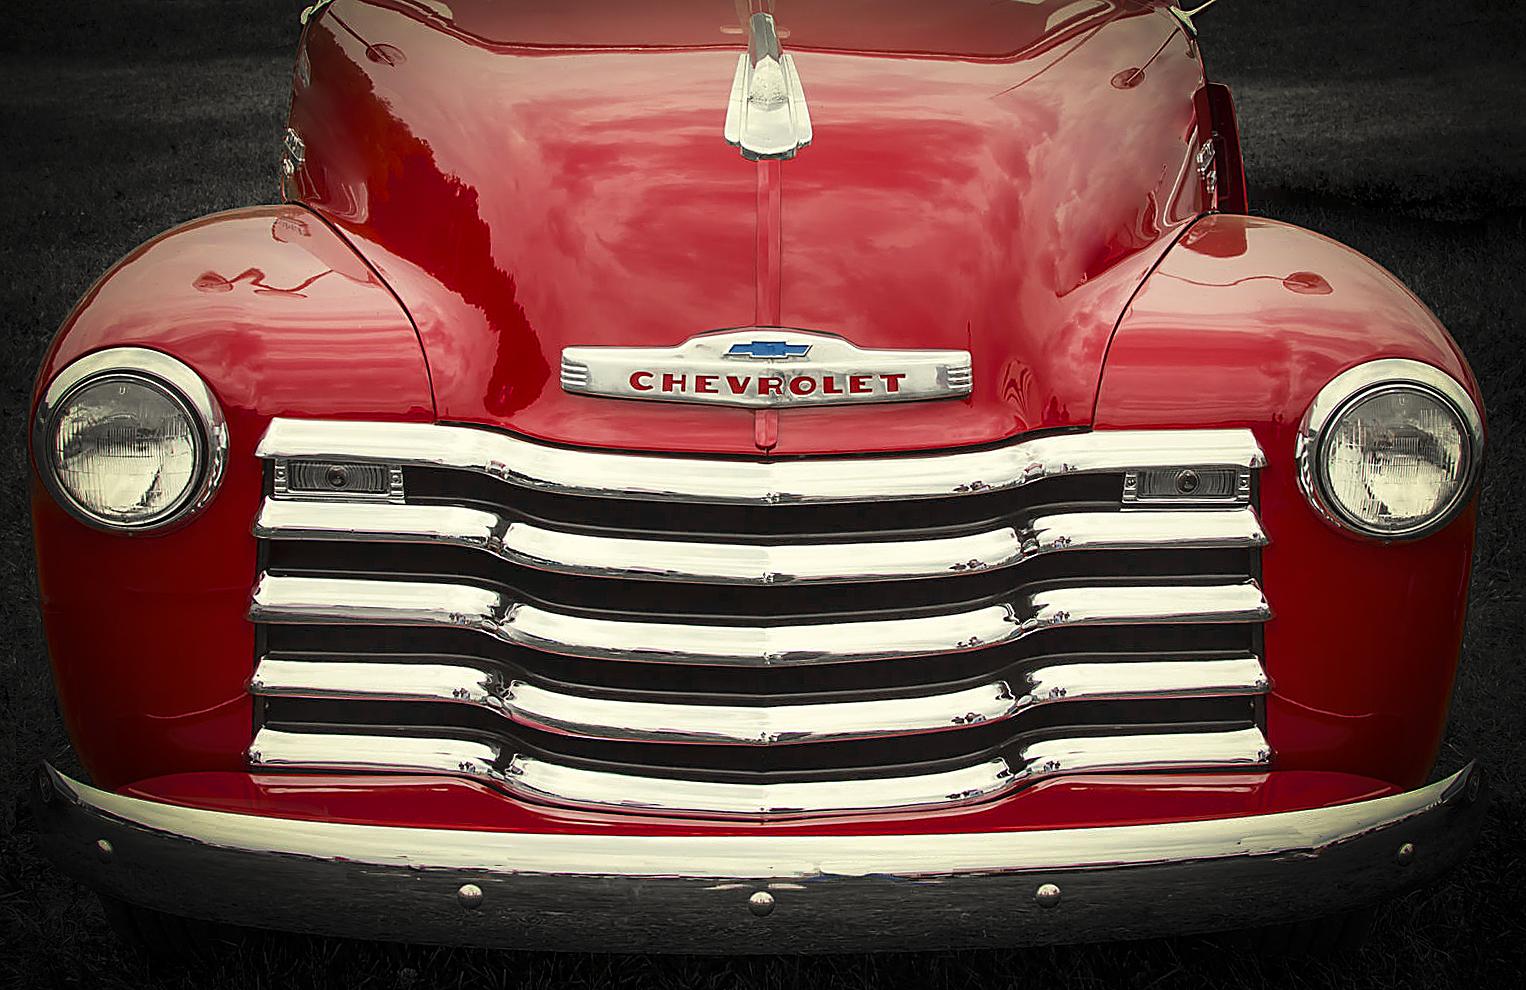 Chevrolet Gears